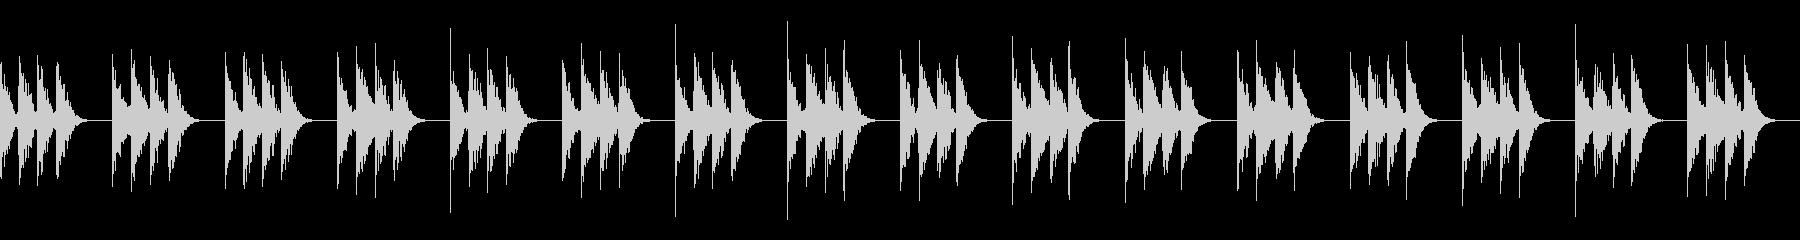 のどかな景色を思わせるヒーリング音楽の未再生の波形